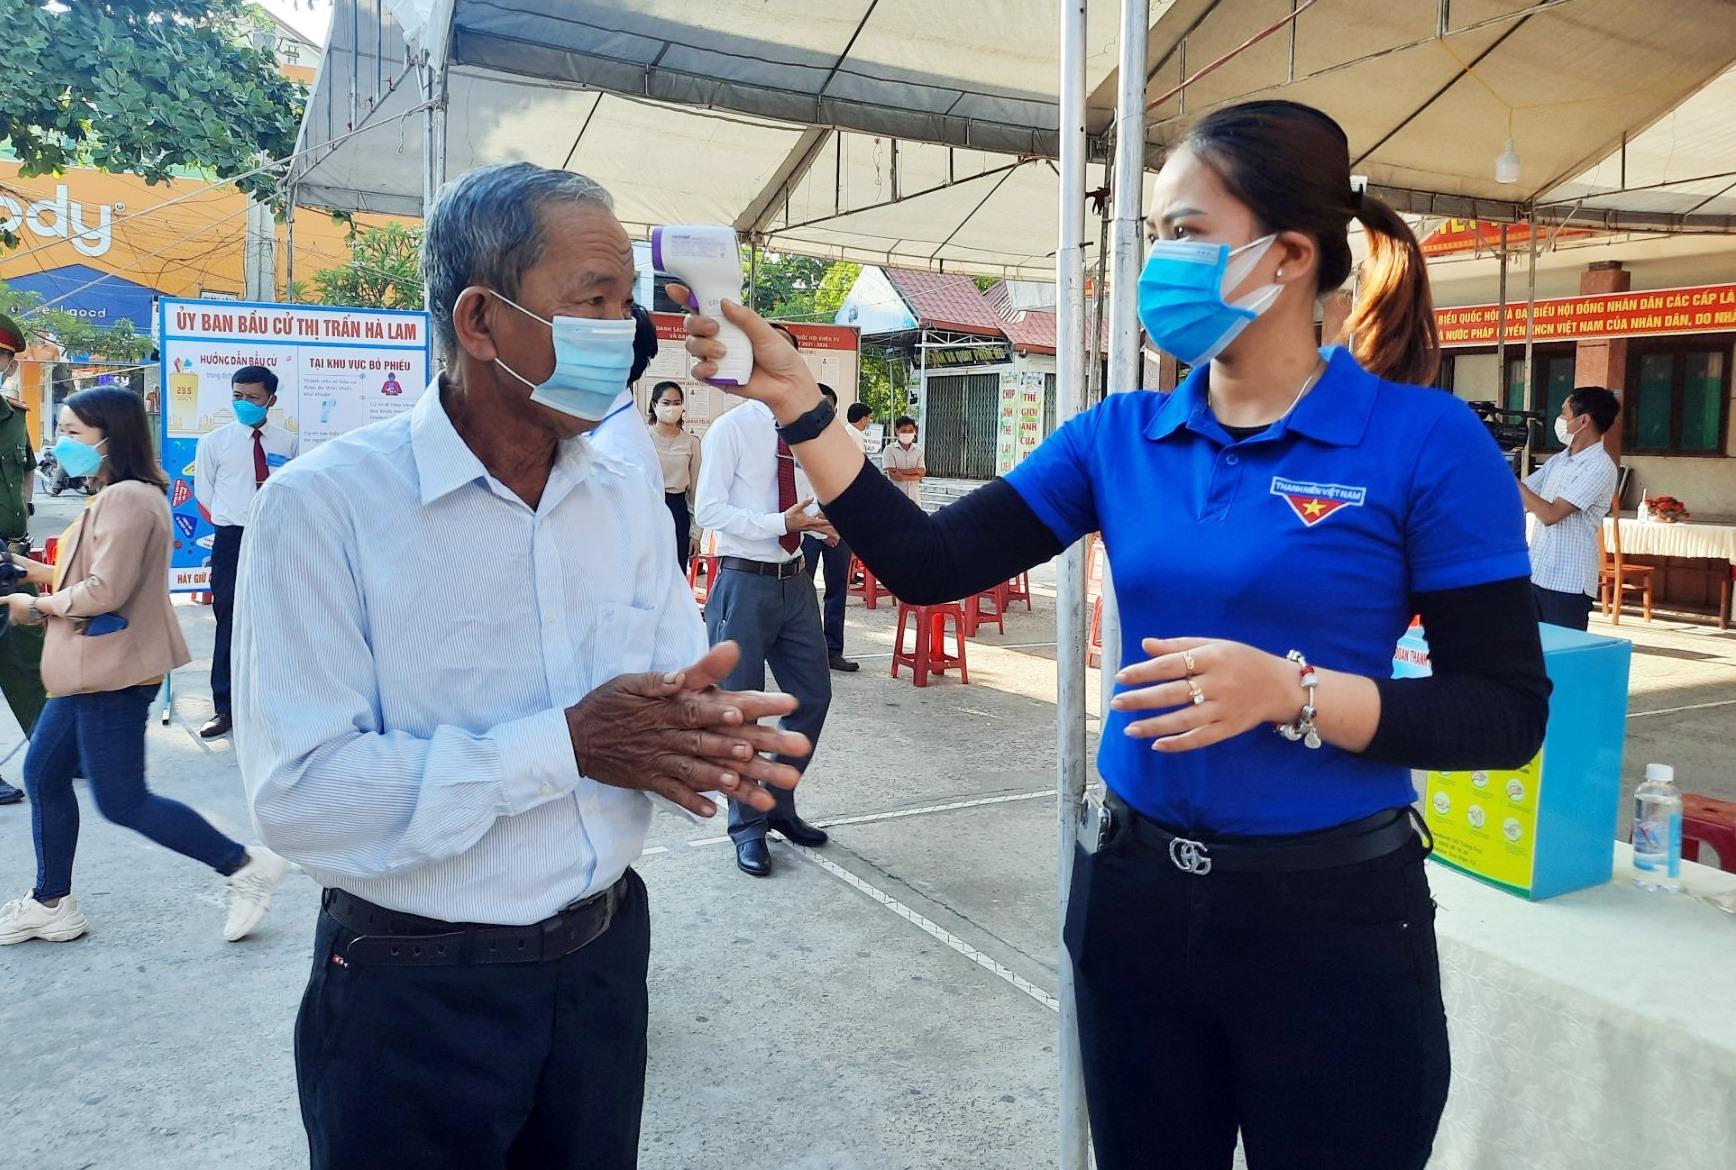 Cử tri được đo thân nhiệt trước khi vào khu vực bỏ phiếu tại khối phố 4, thị trấn Hà Lam.